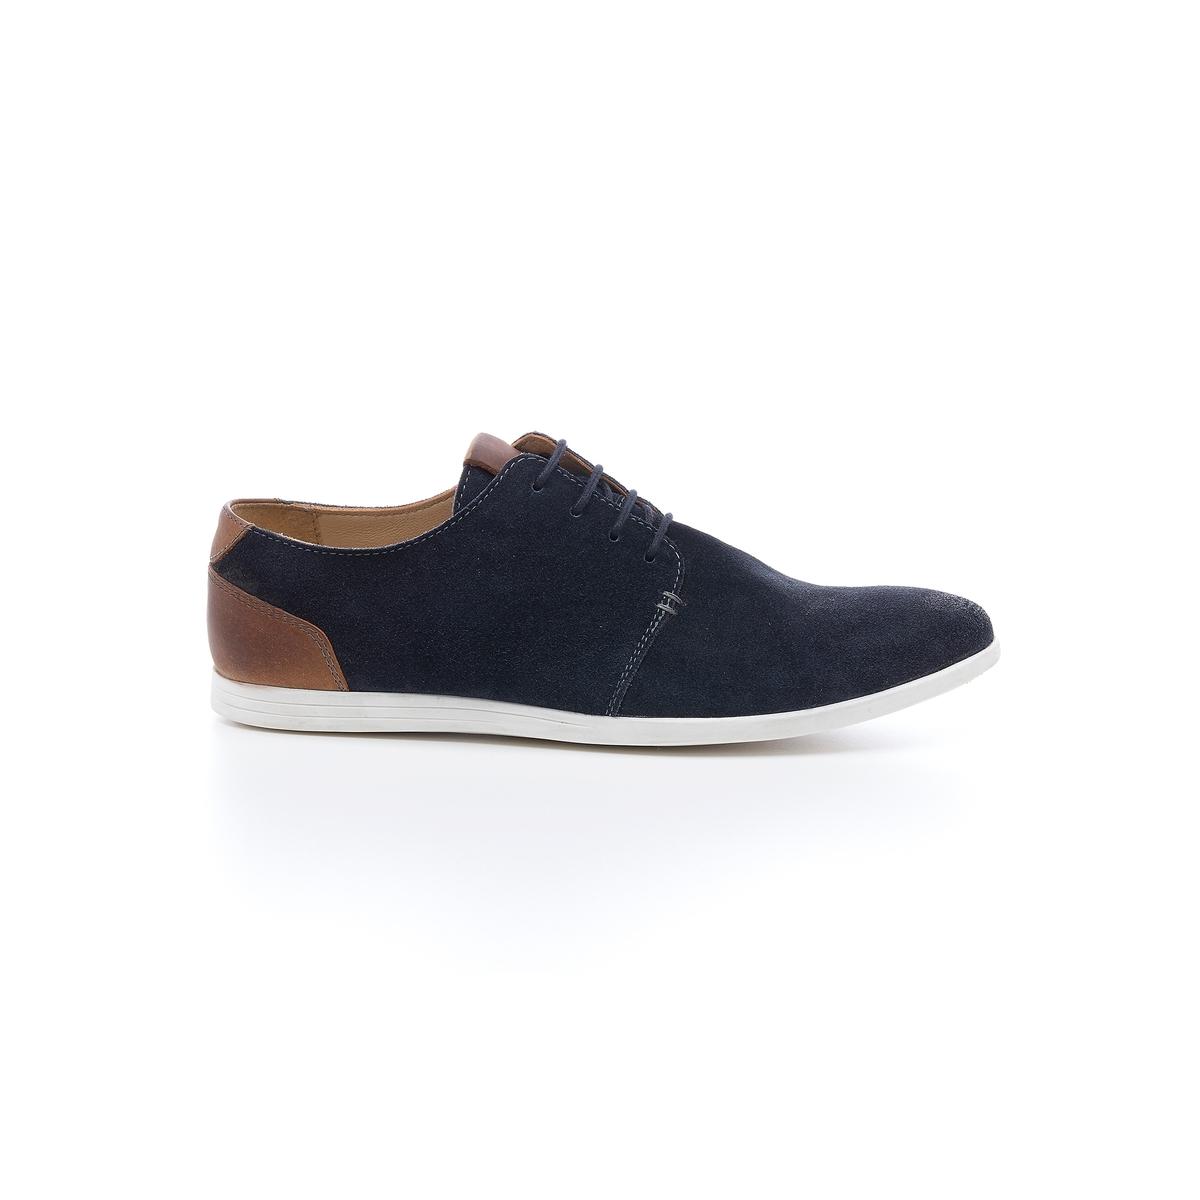 Ботинки-дерби кожаные Doug ботинки дерби кожаные